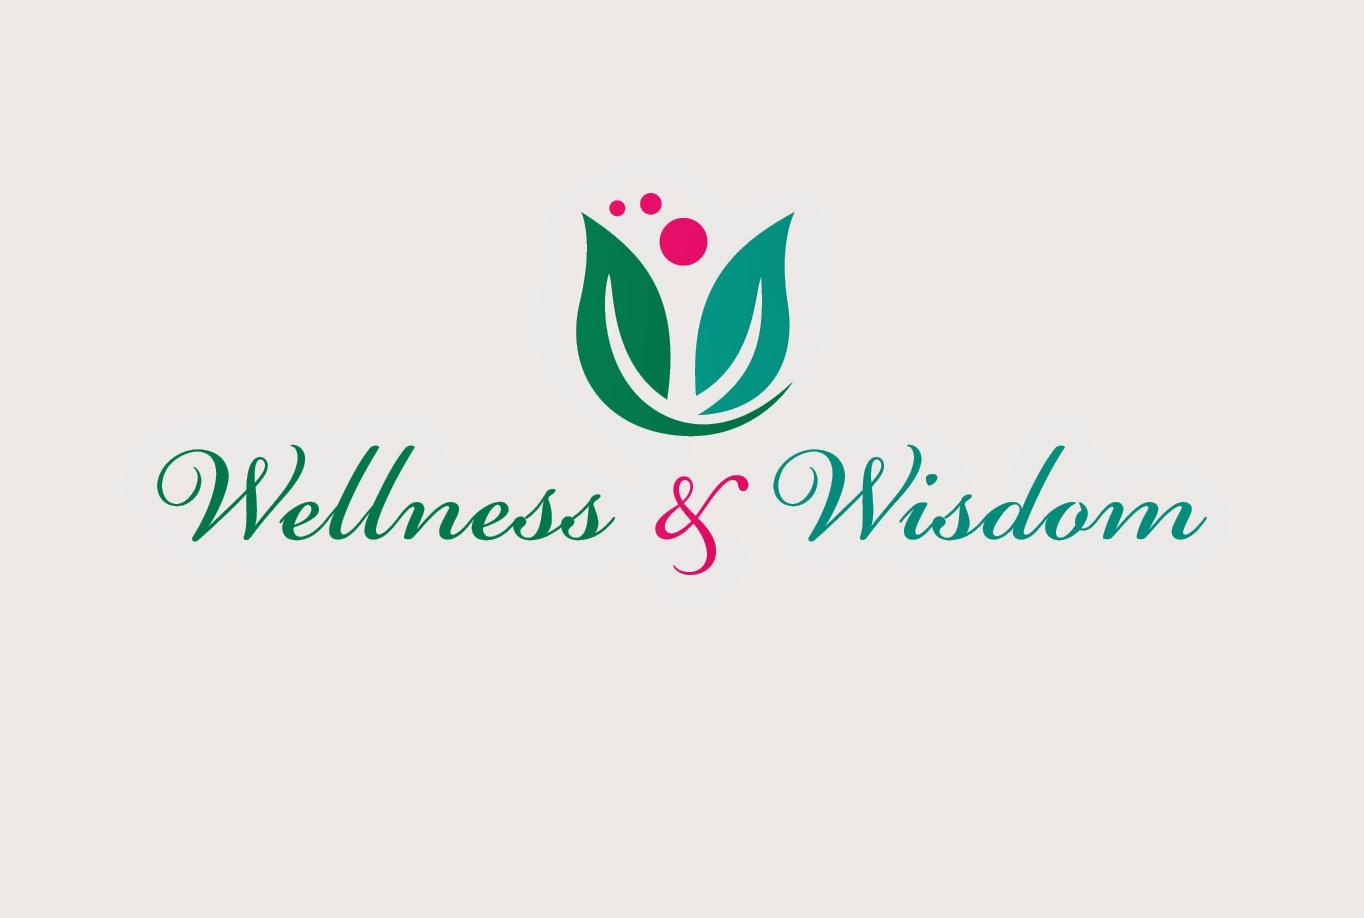 www.fb.com/Women.Wellness.Wisdom